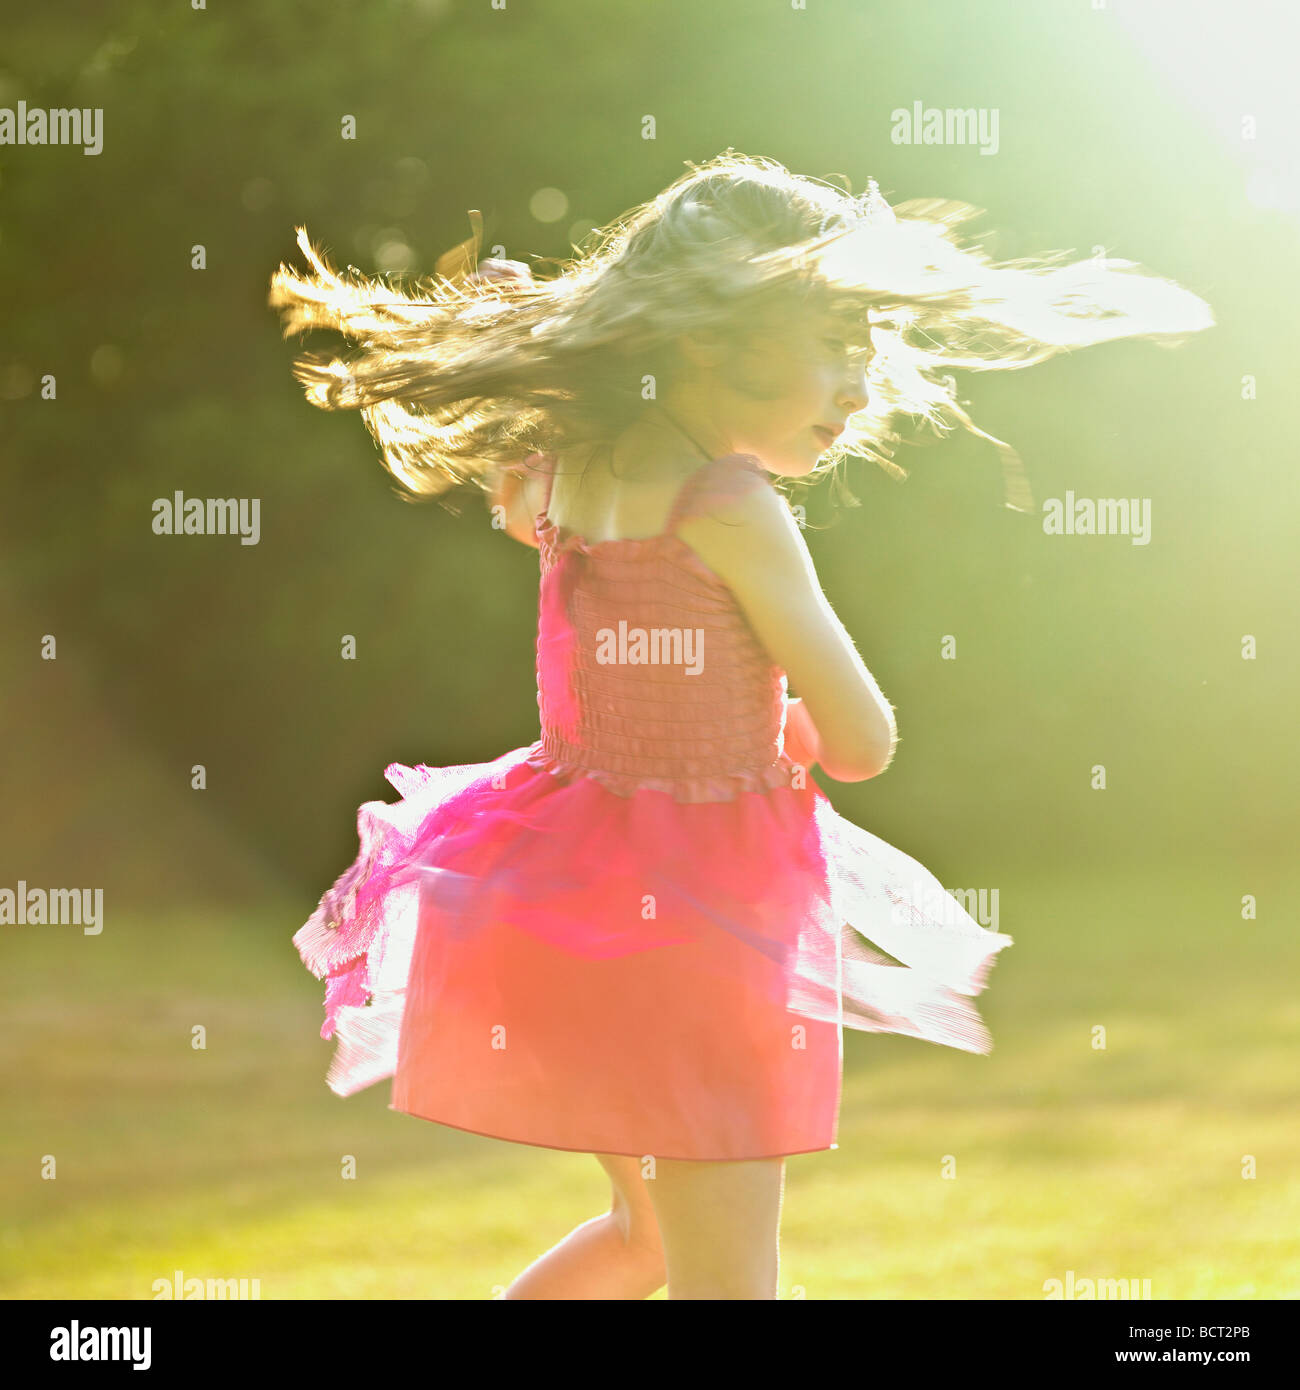 Chica bailando en el sol del verano. Imagen De Stock